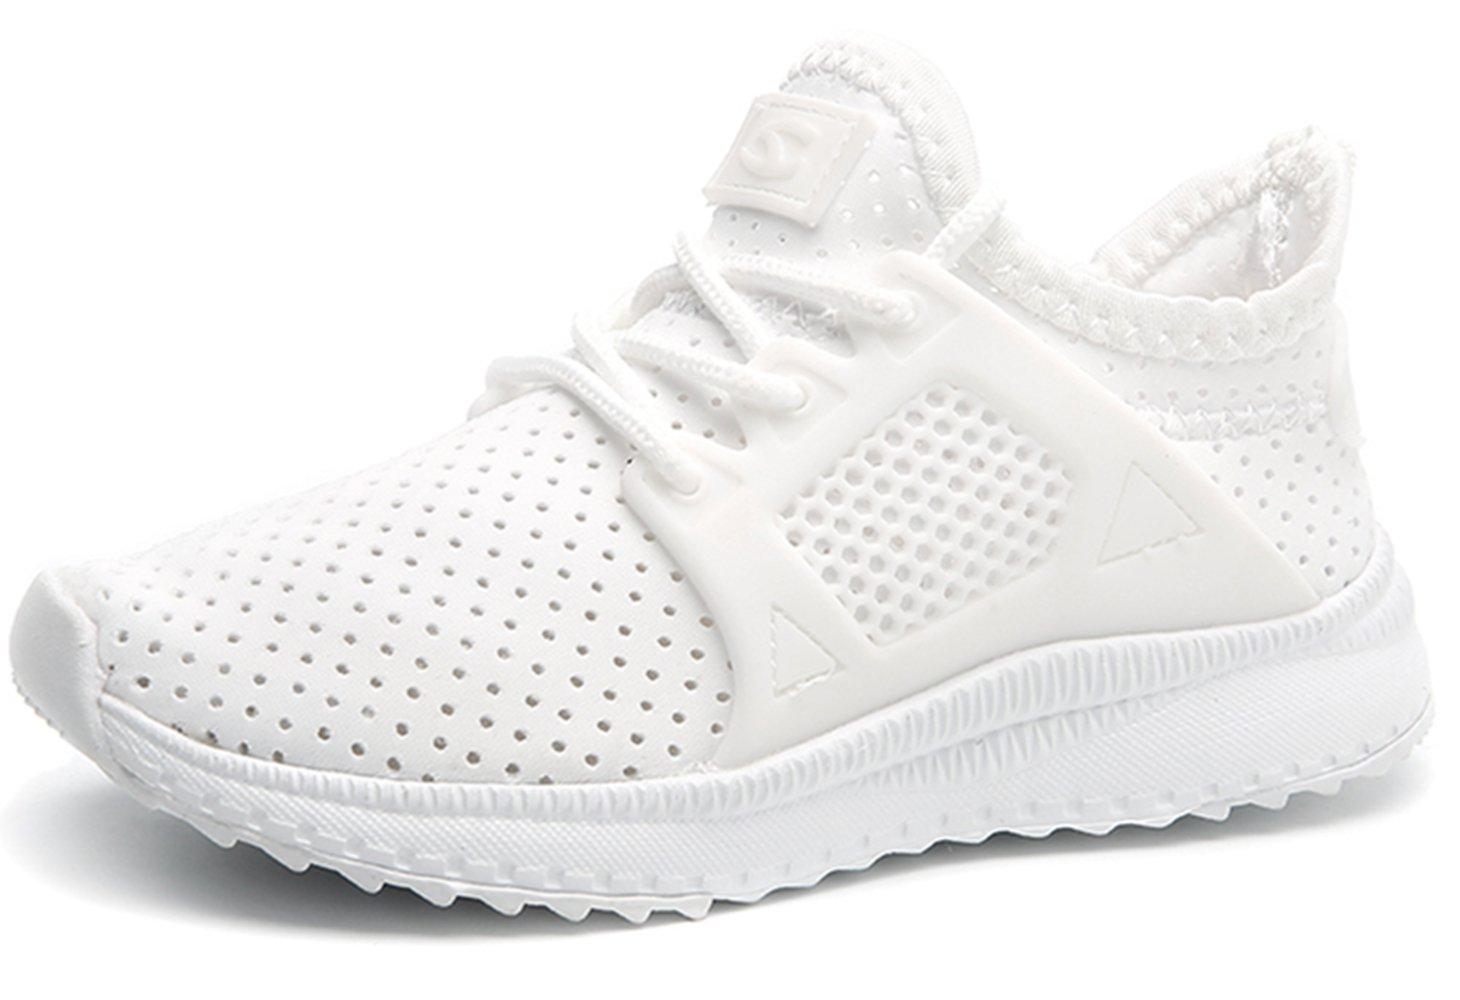 Kids Breathable Running Shoes Lightweight Slip On Sneaker for Boys Girls(White,4.5 M US Little Kid)